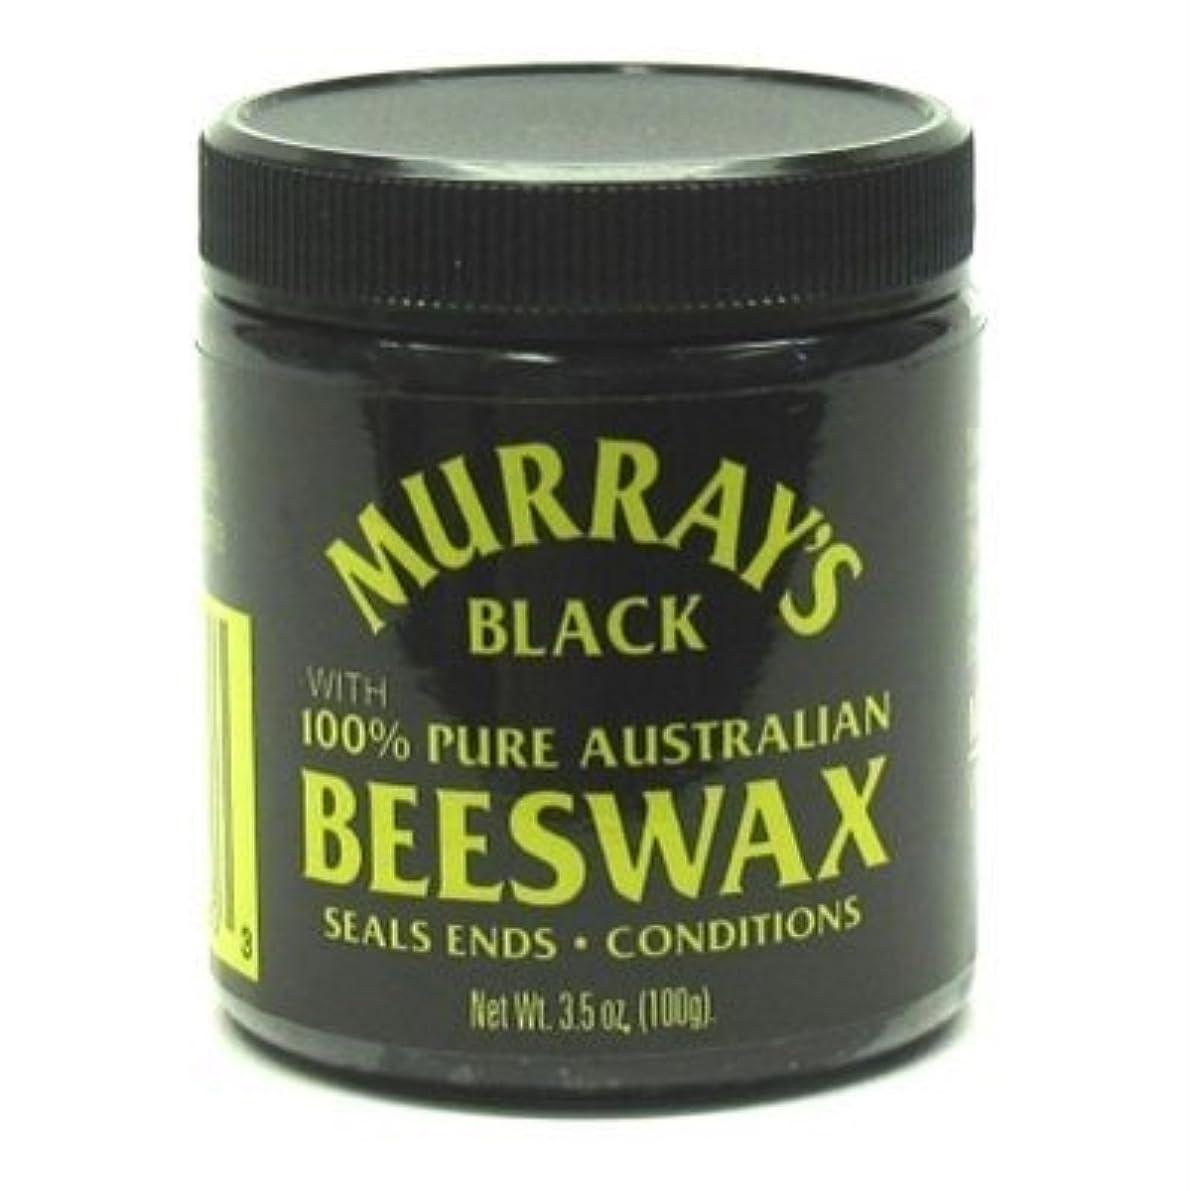 プレミア細心の有力者Murray's 黒蜜ろう、3.5オズ(2パック)